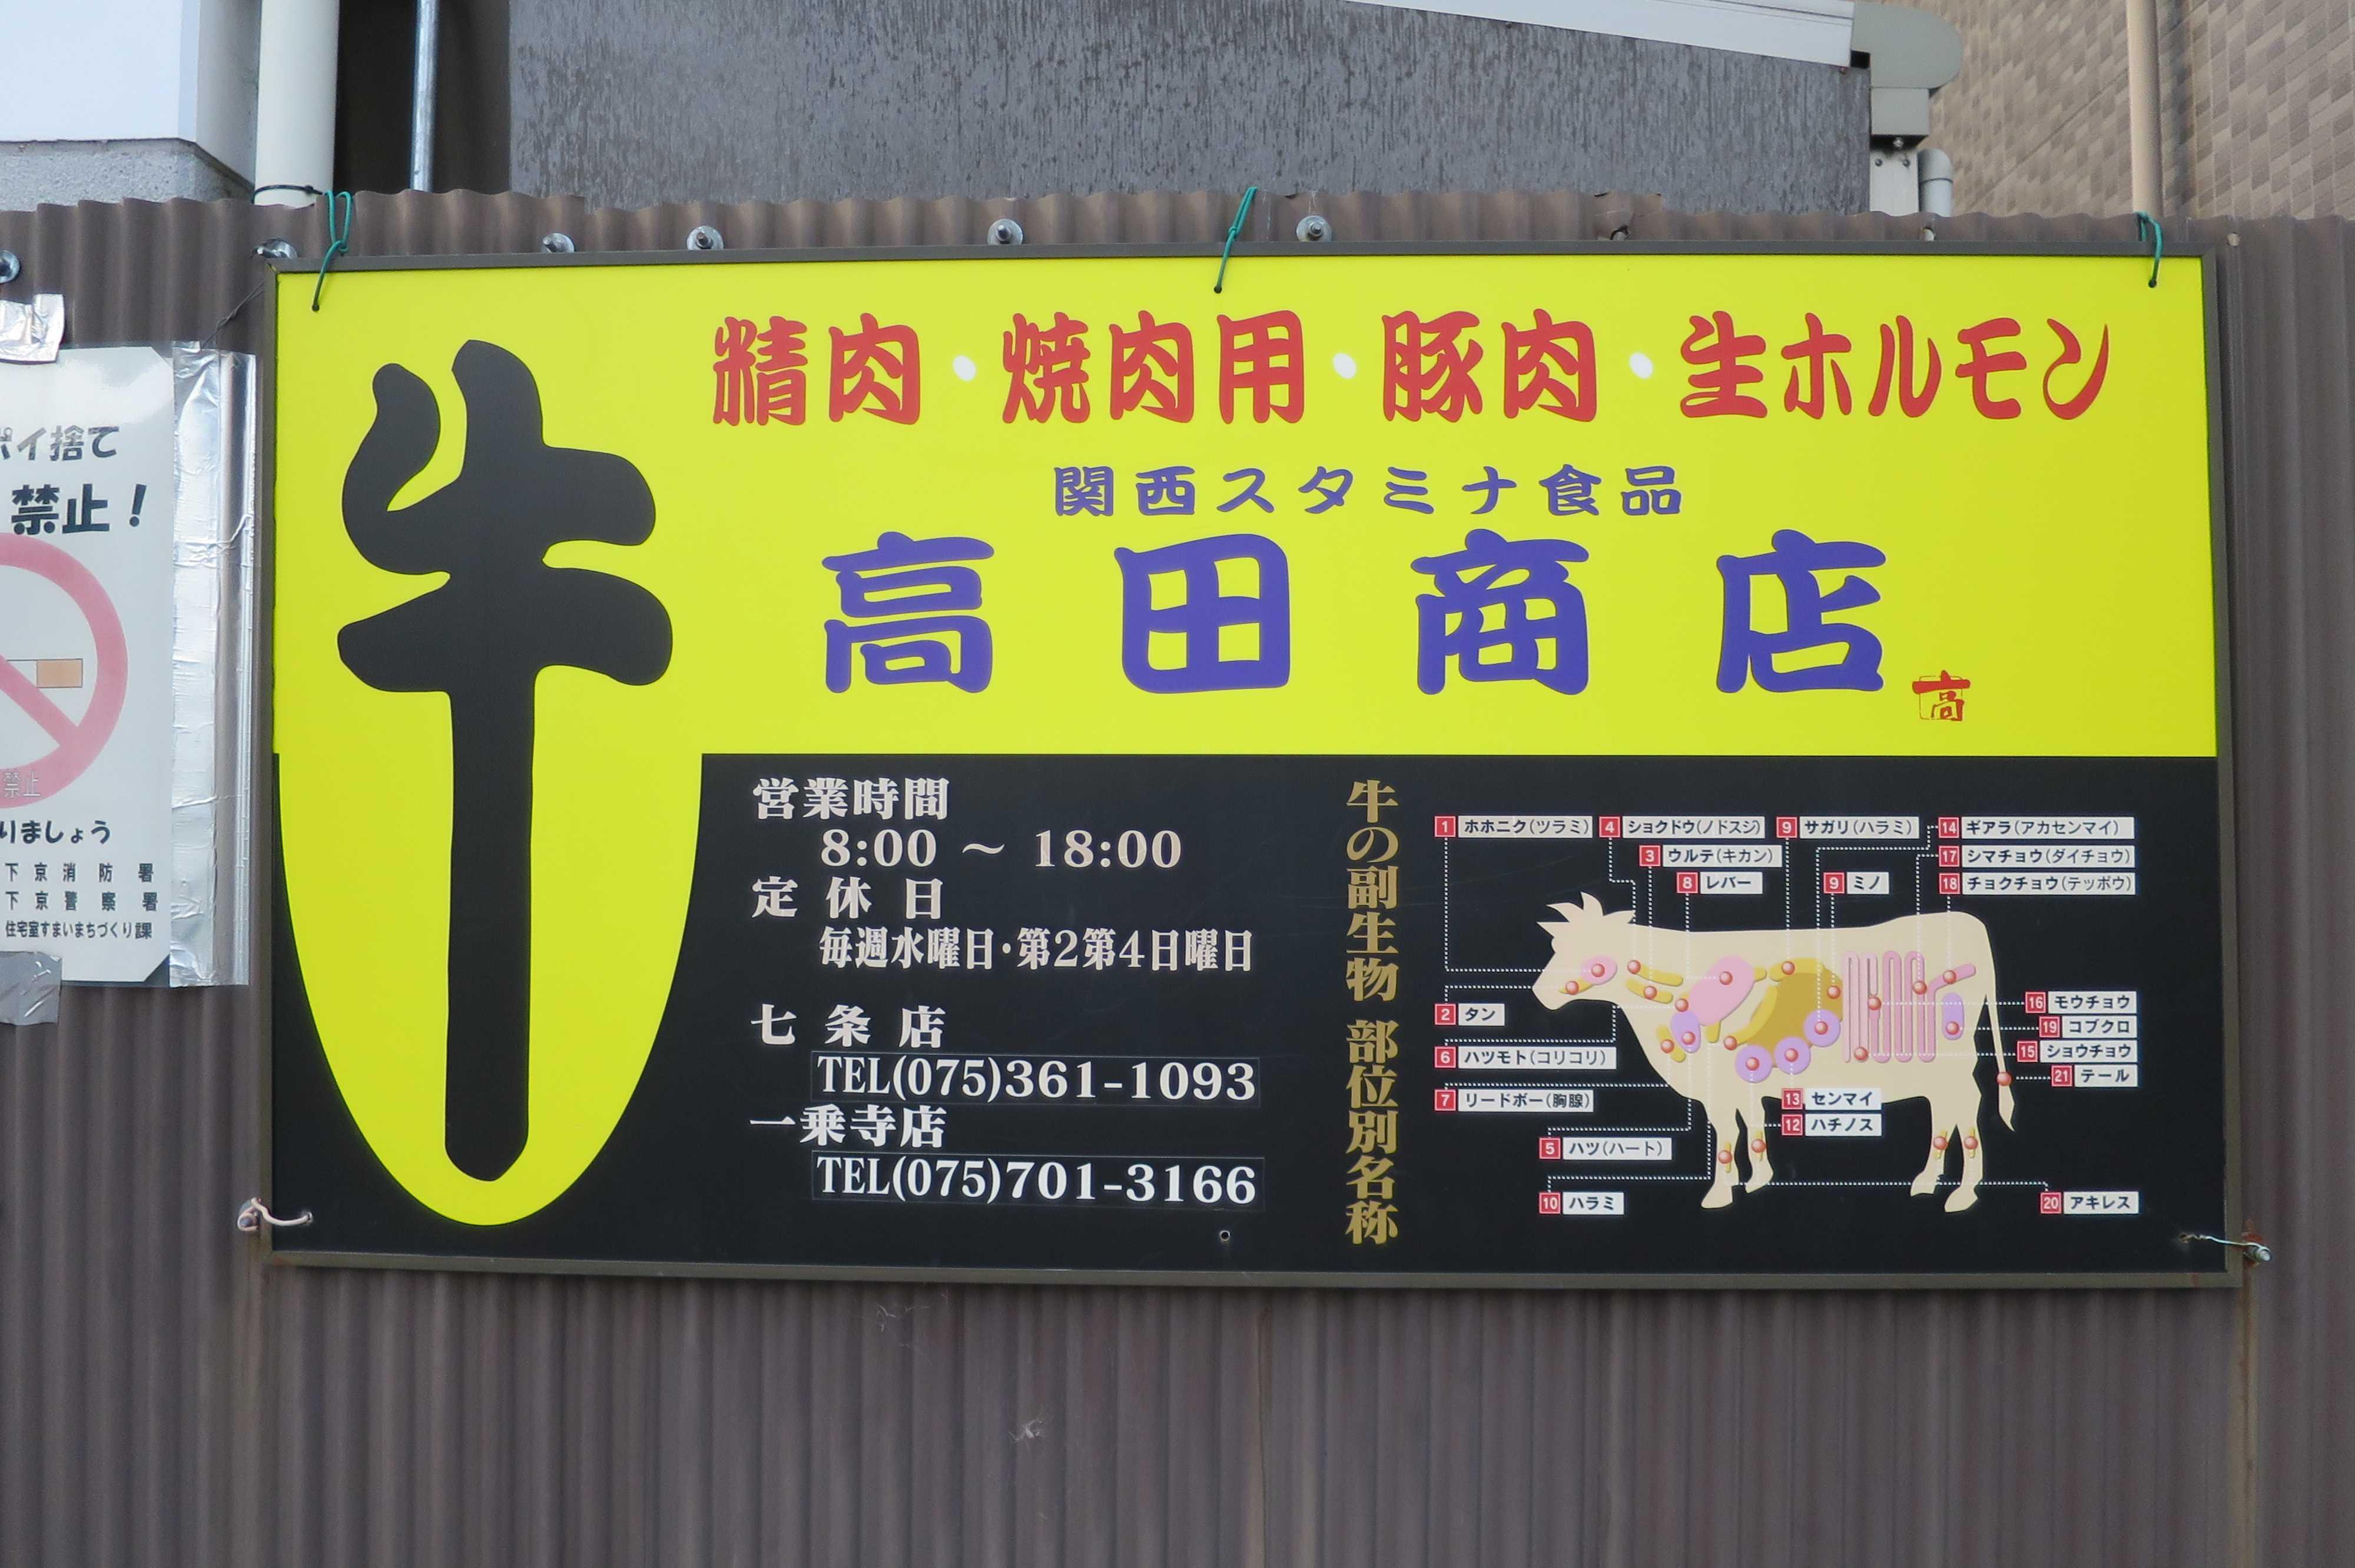 京都 - 精肉 焼肉用 豚肉 生ホルモン 関西スタミナ食品 高田商店の看板